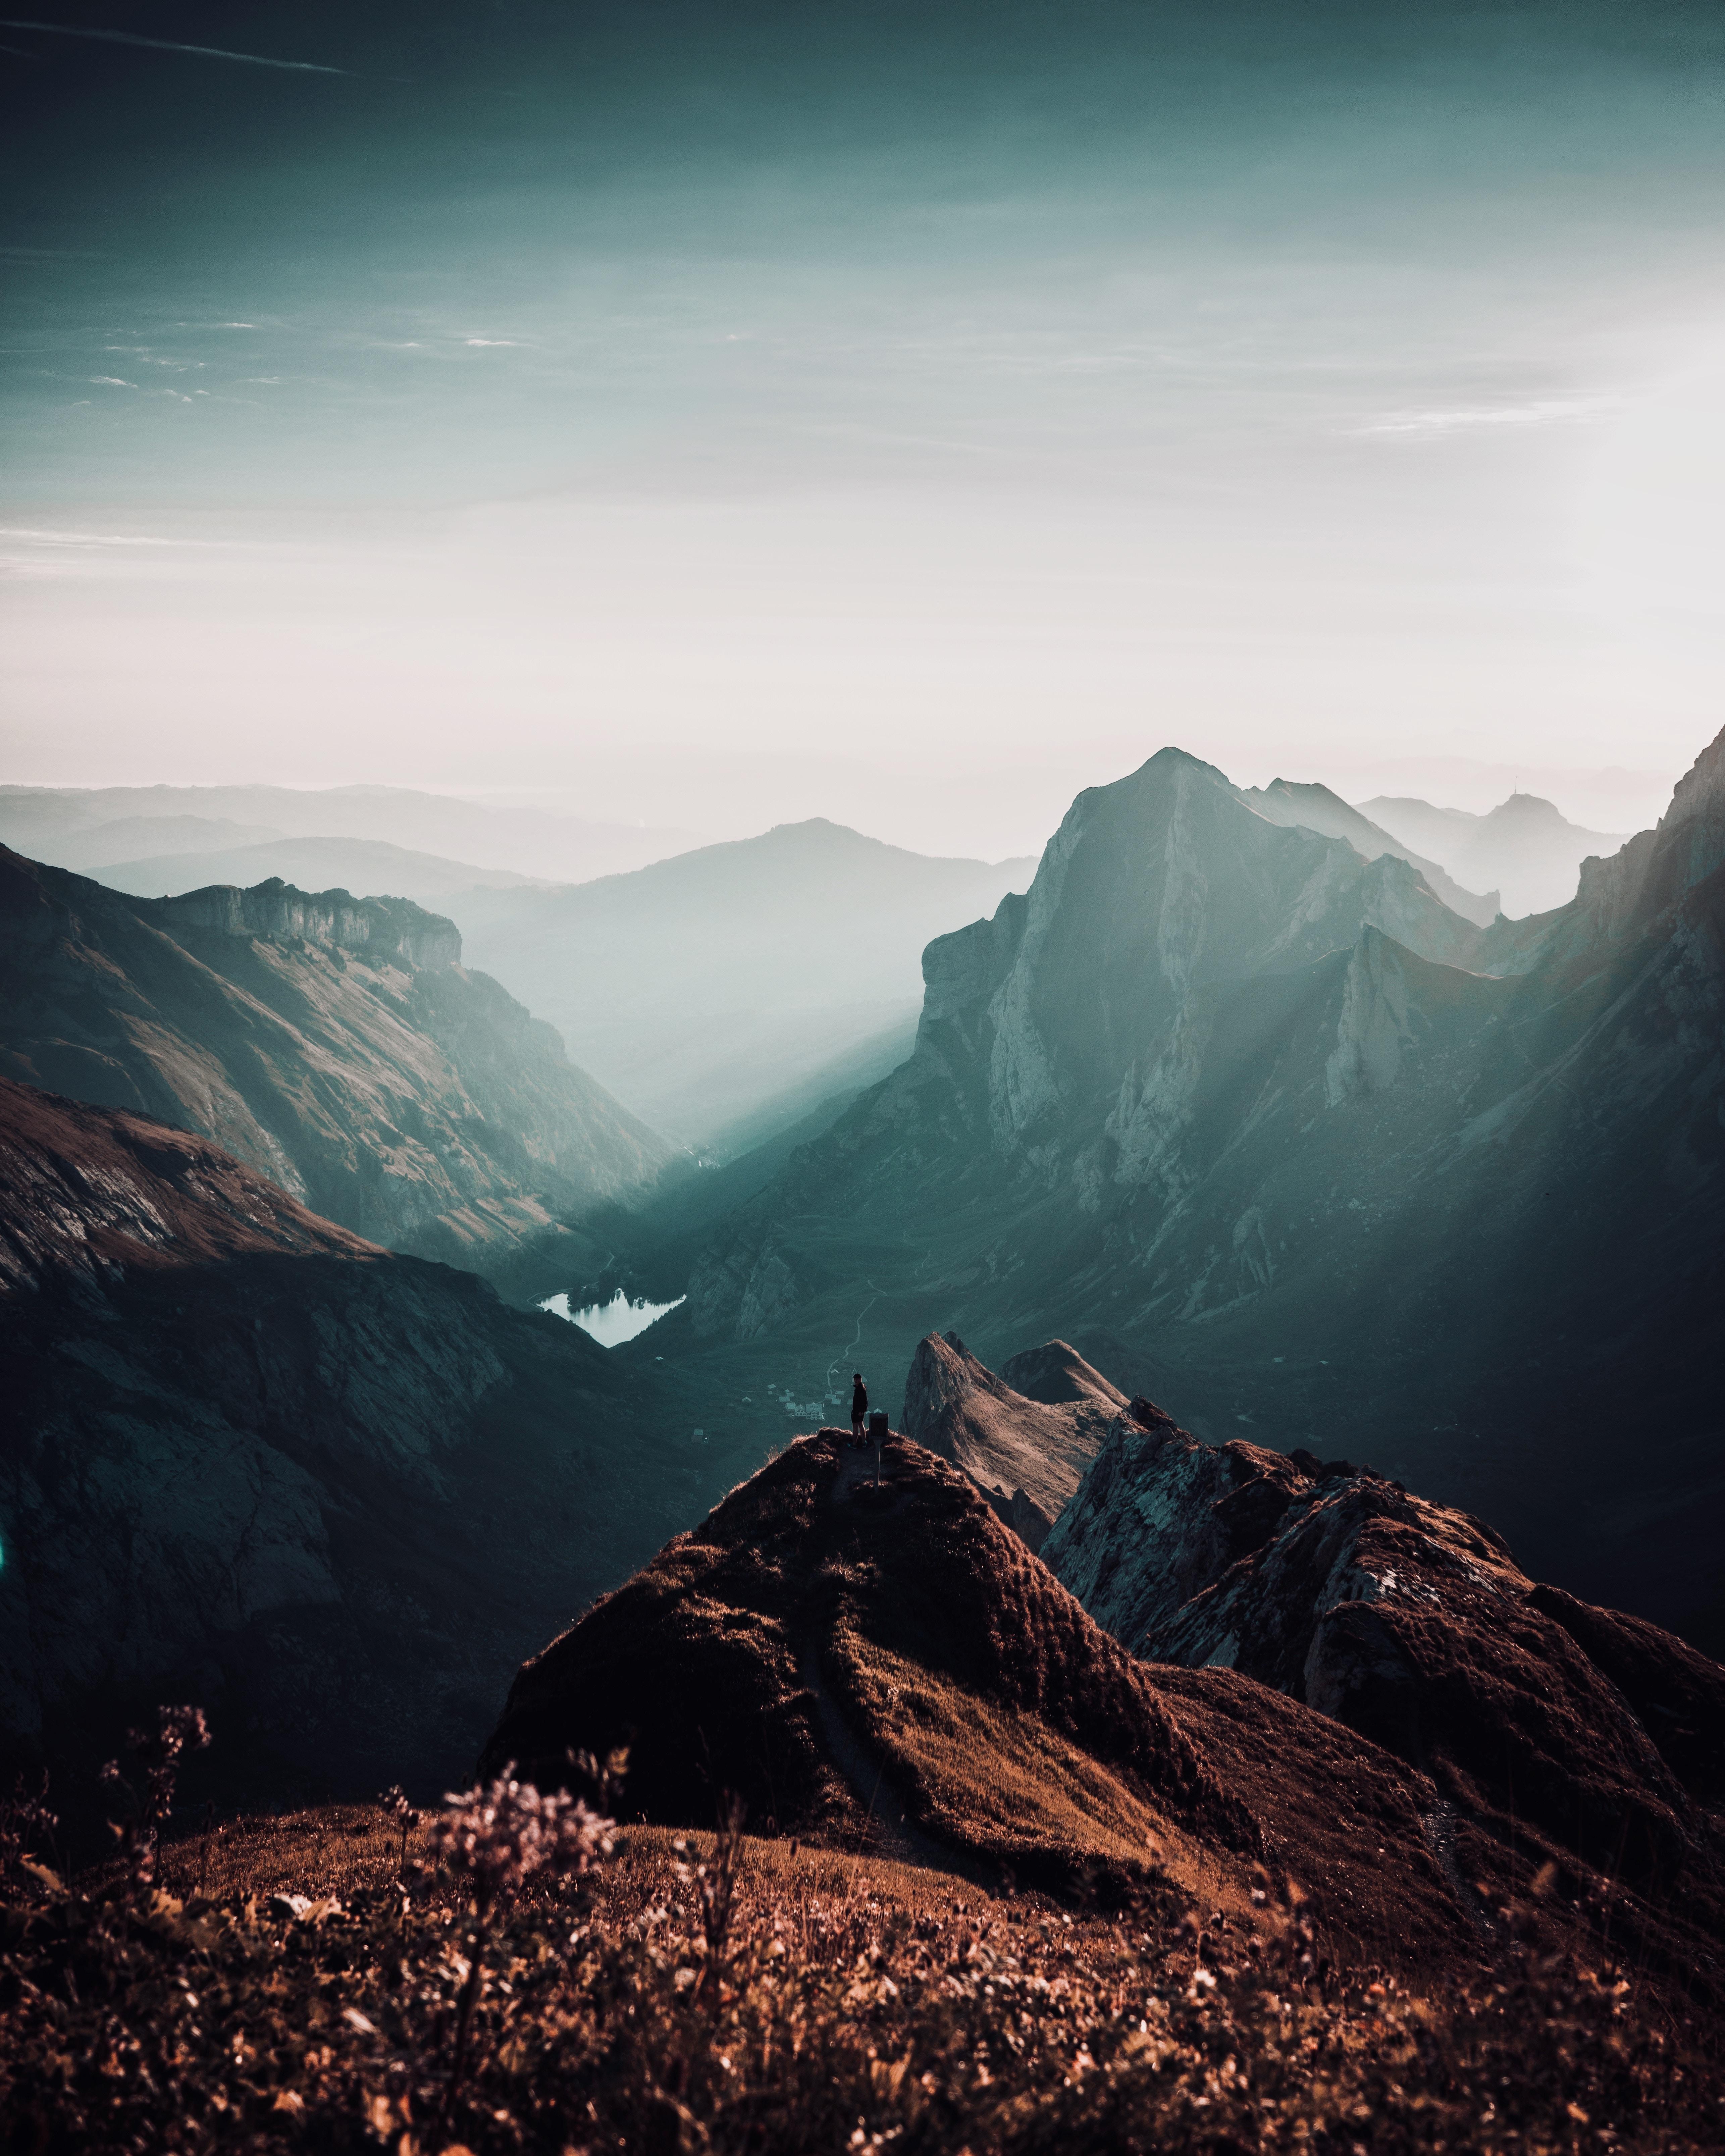 110892 скачать обои Швейцария, Природа, Горы, Уединение, Вершины, Одиночество - заставки и картинки бесплатно